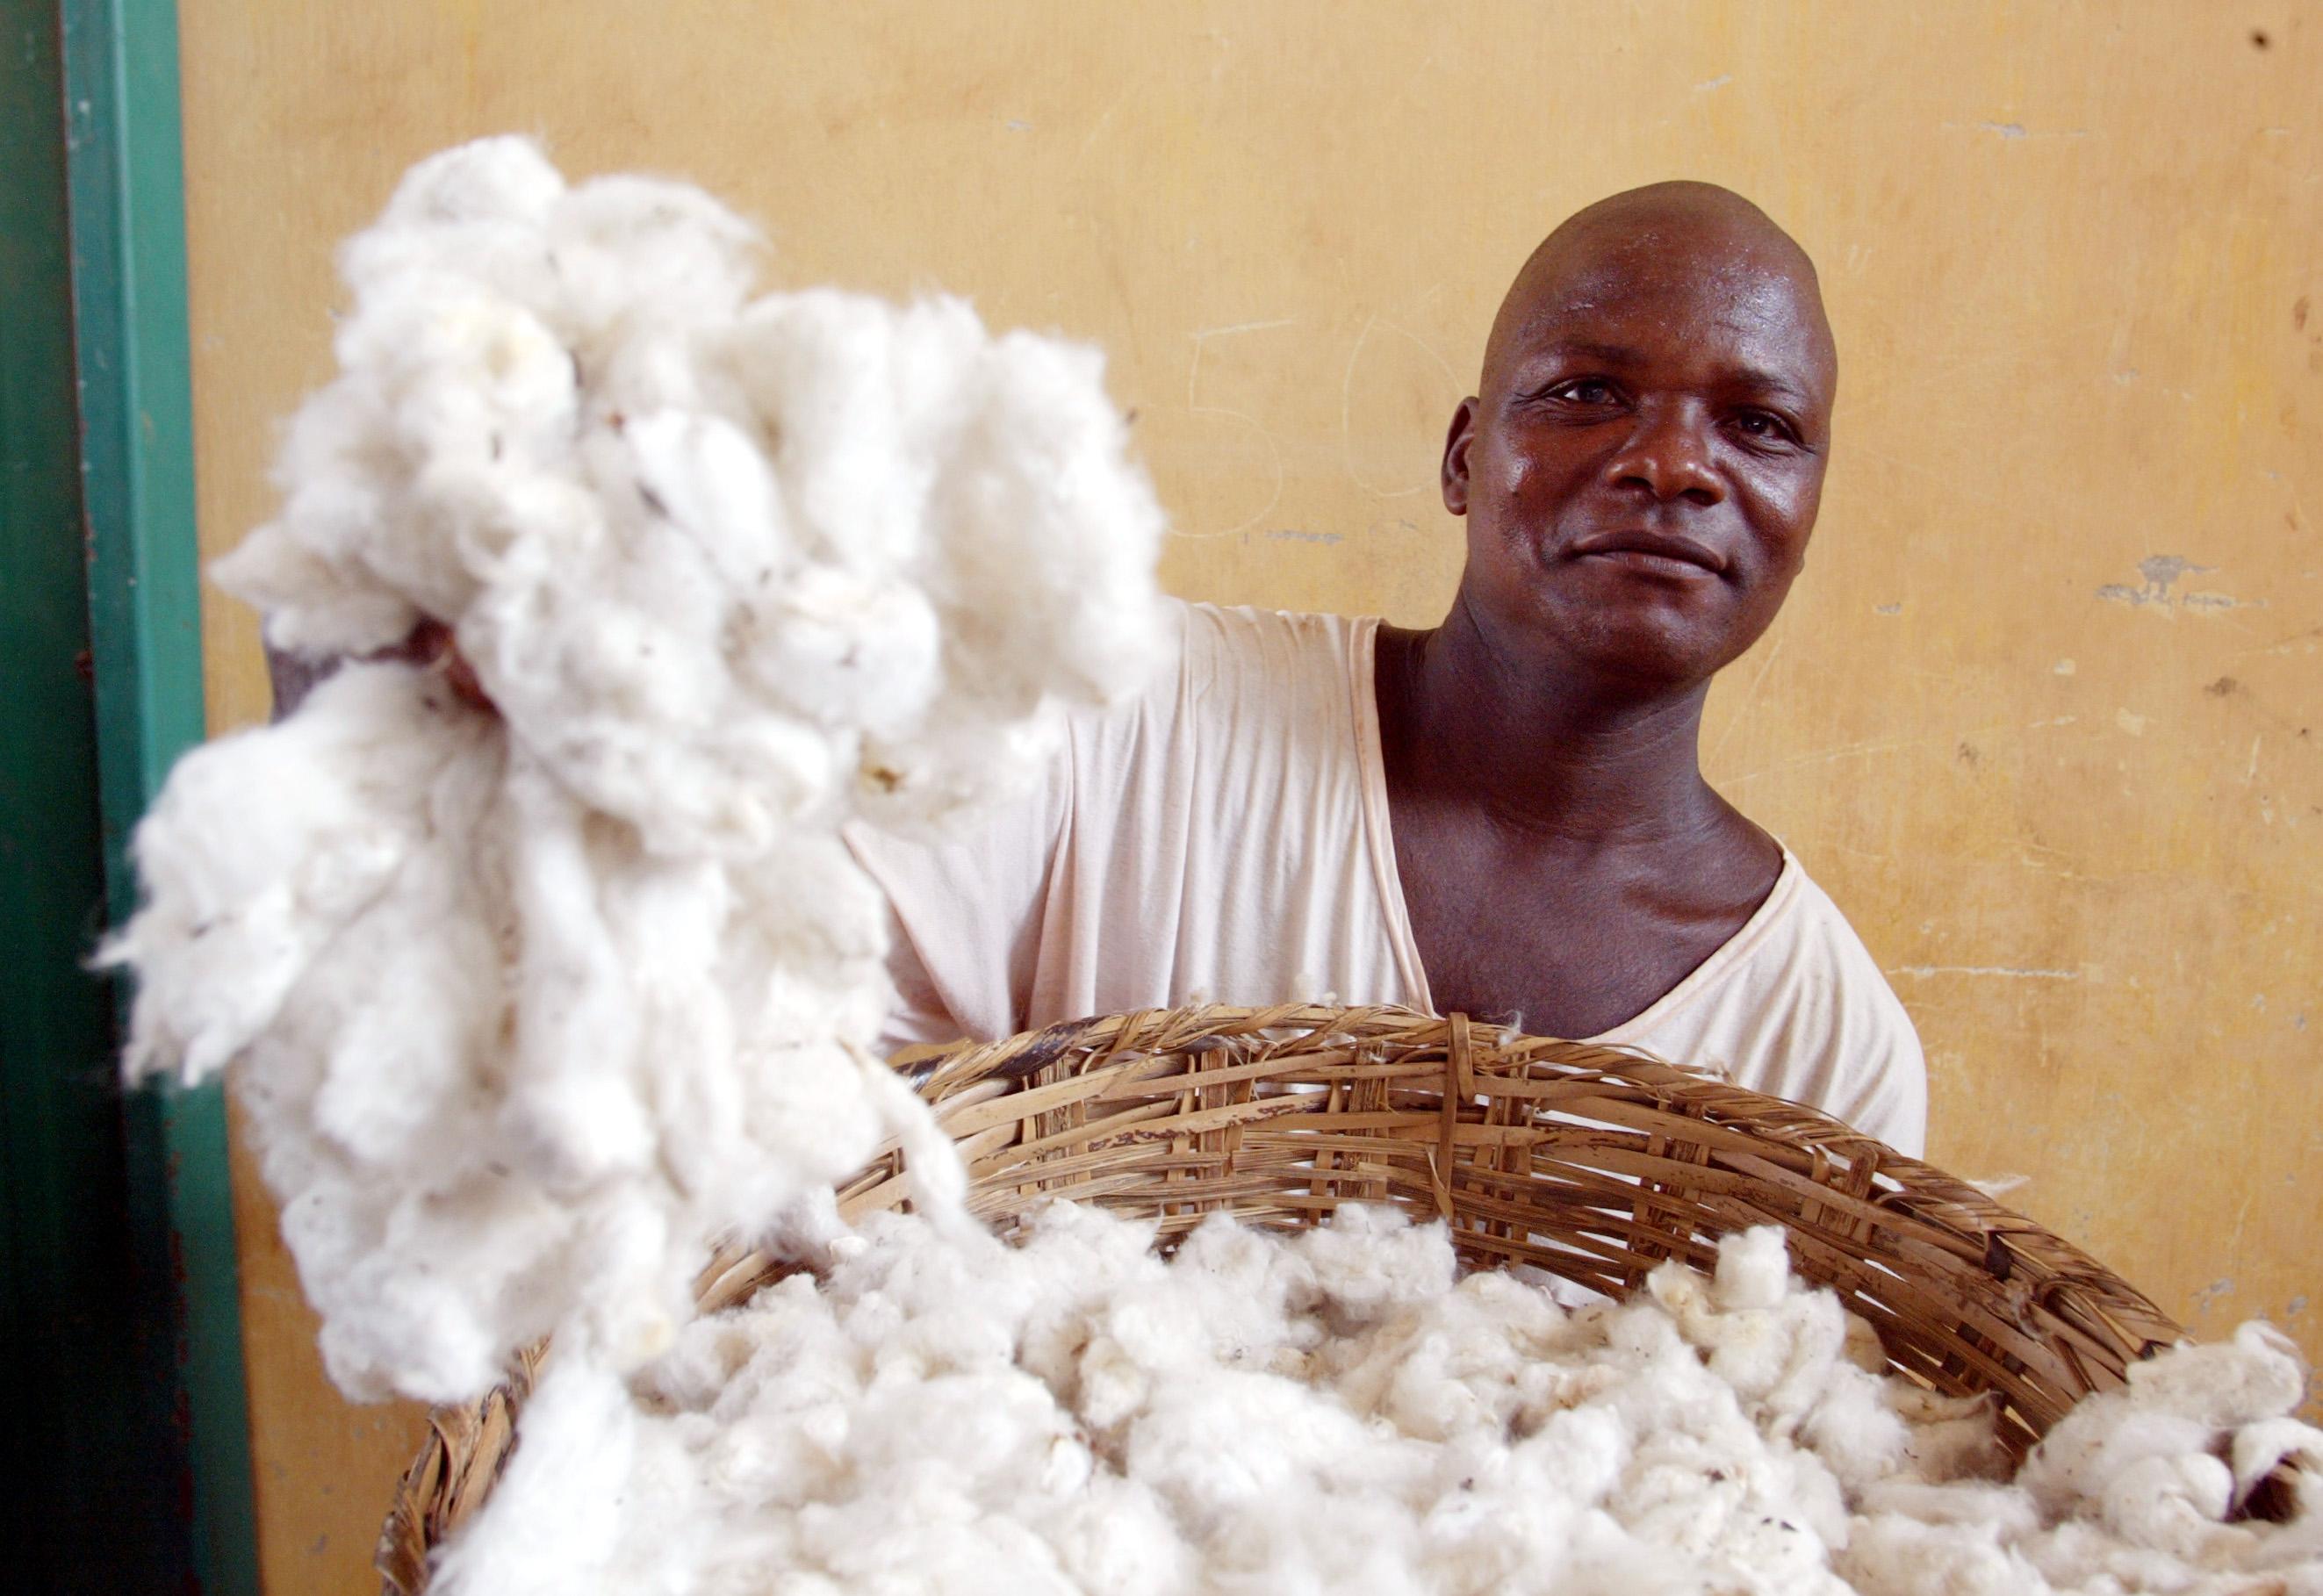 Ein Mitarbeiter einer Baumwoll-Entkörnungsfabrik in Benin